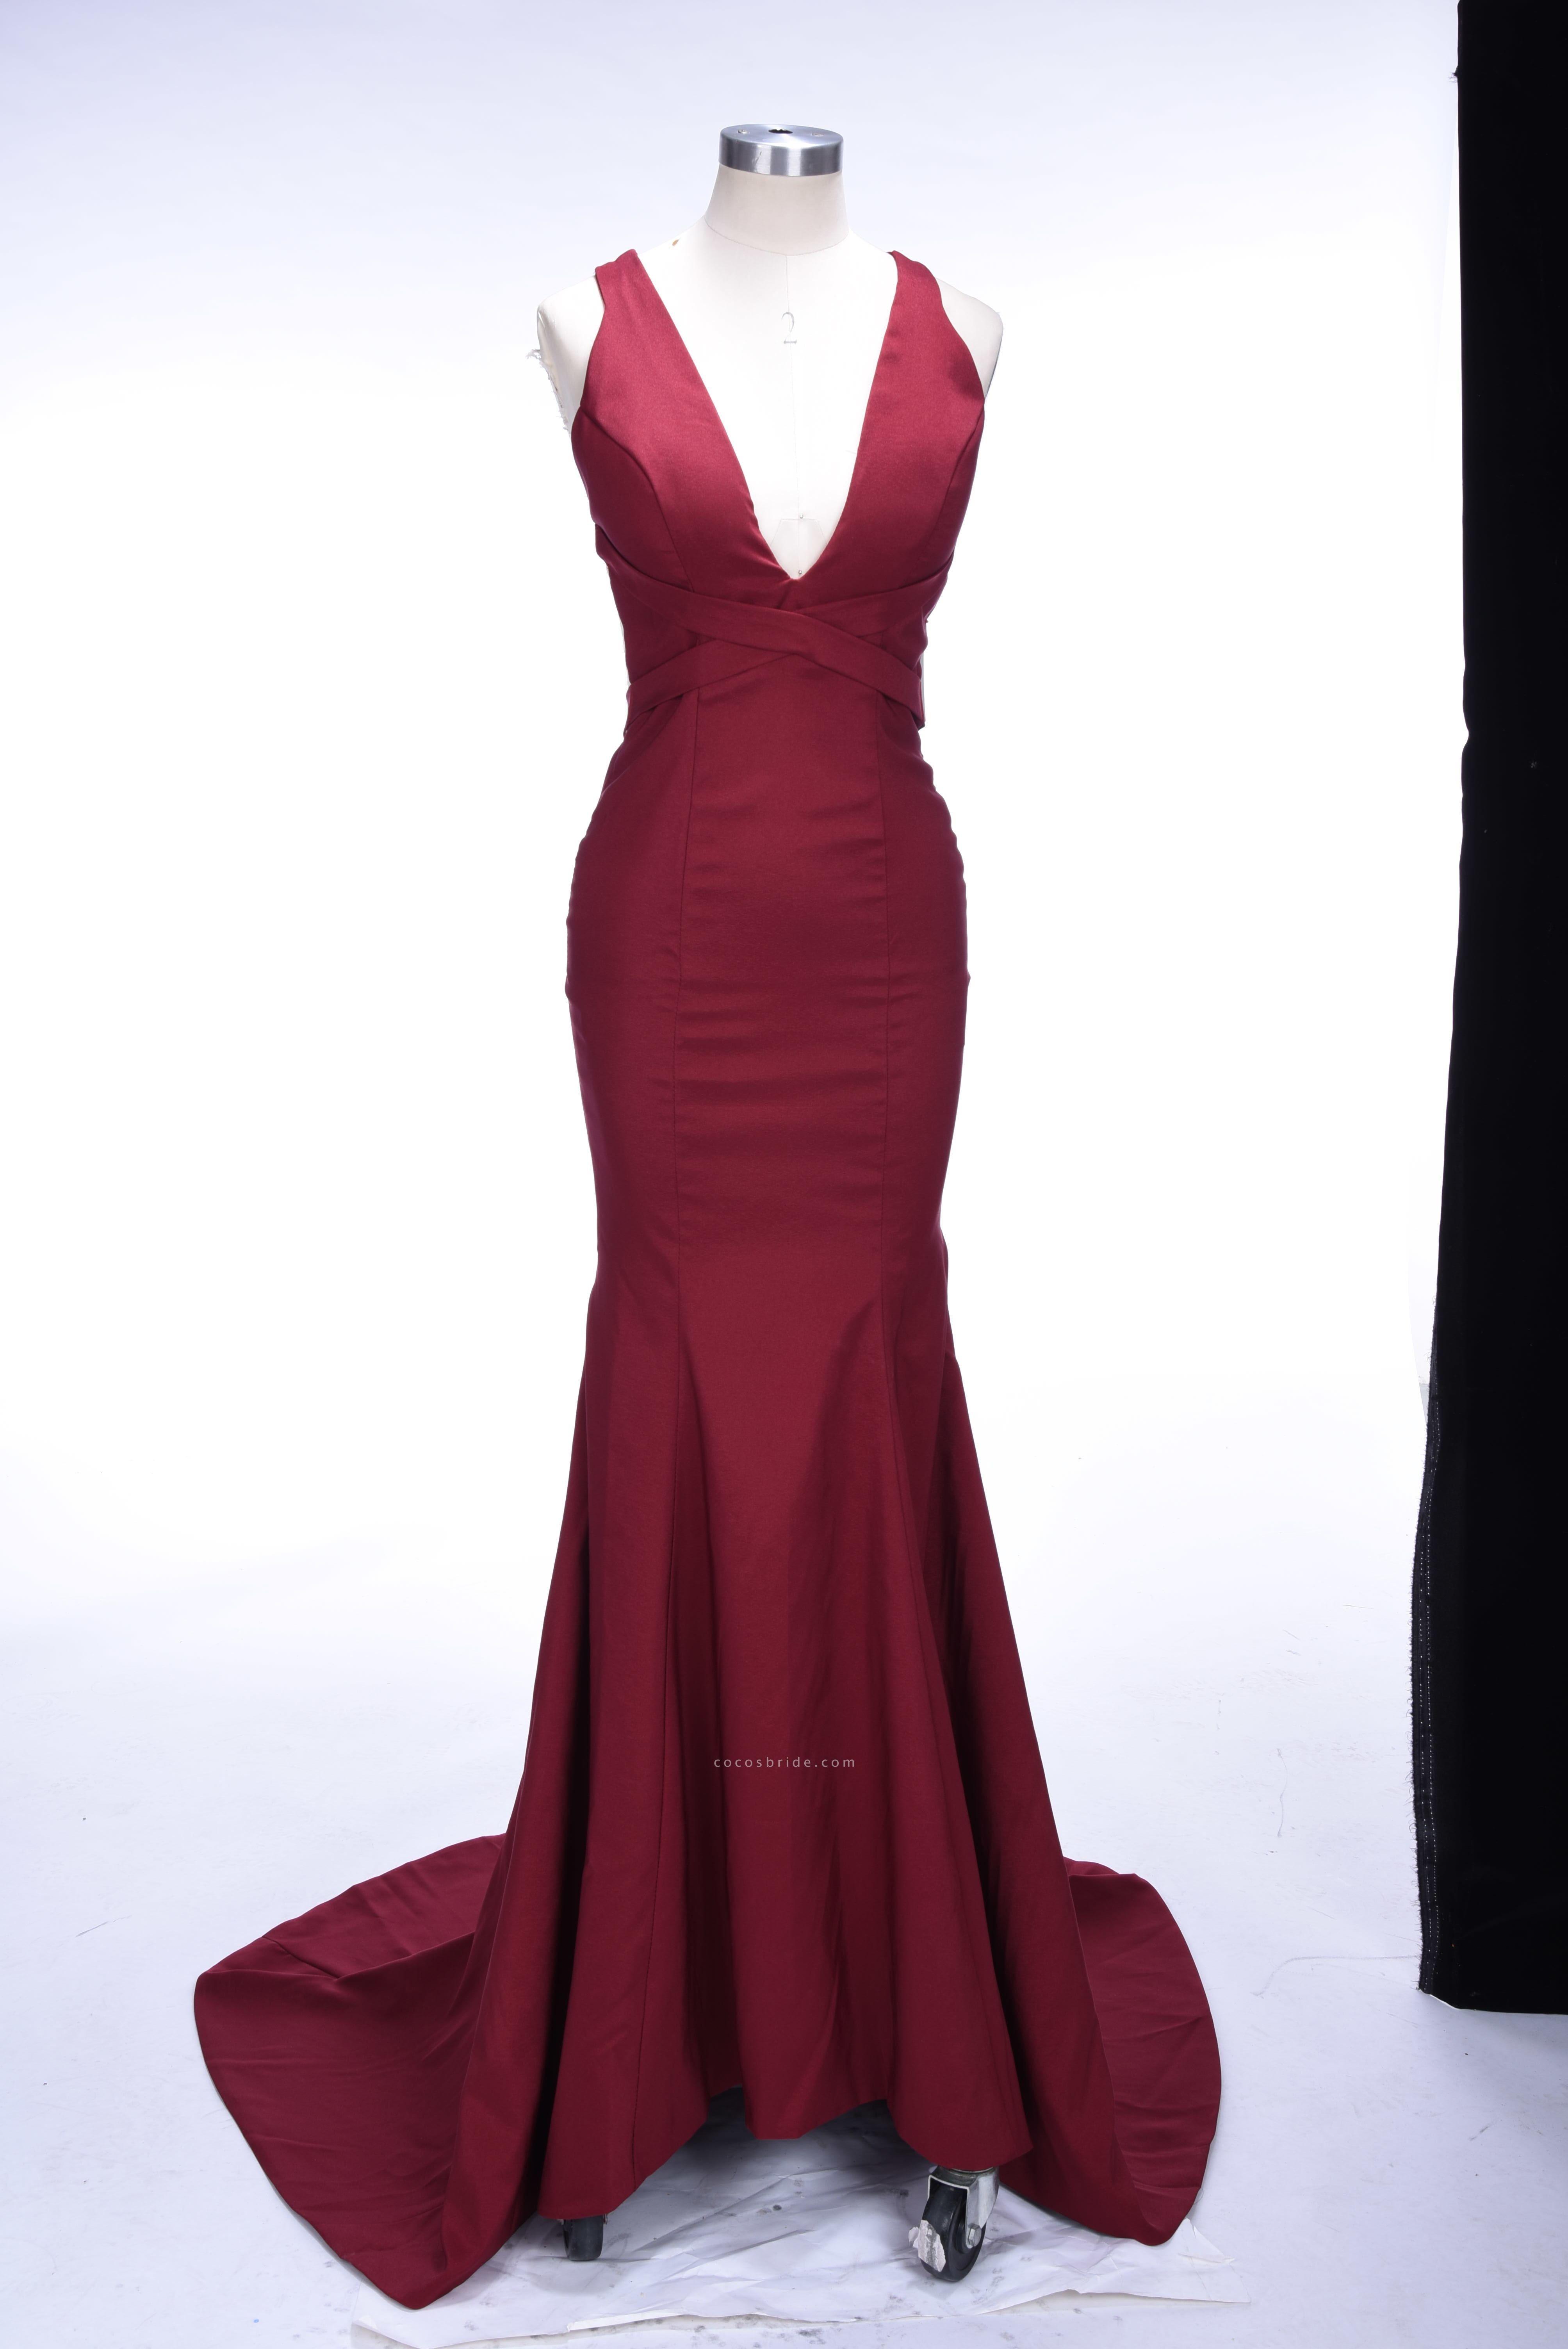 TESS | Mermaid V-neck Sleeveless Floor Length Burgundy Prom Dresses